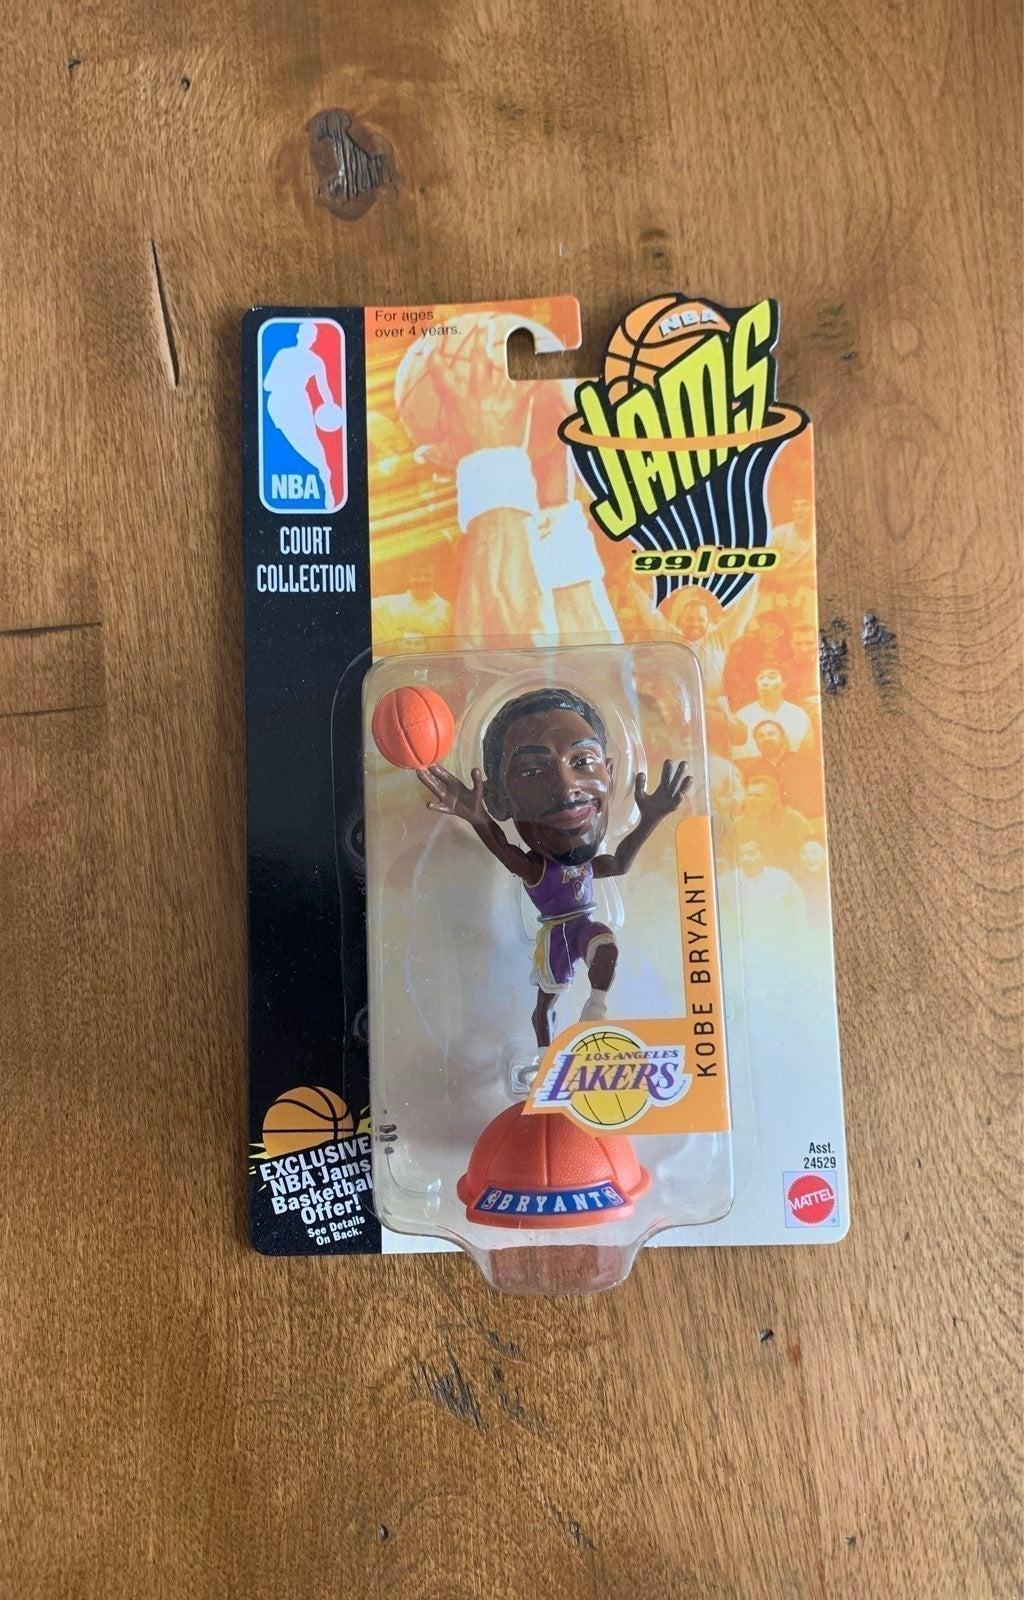 1999-00 Kobe Bryant NBA Jams